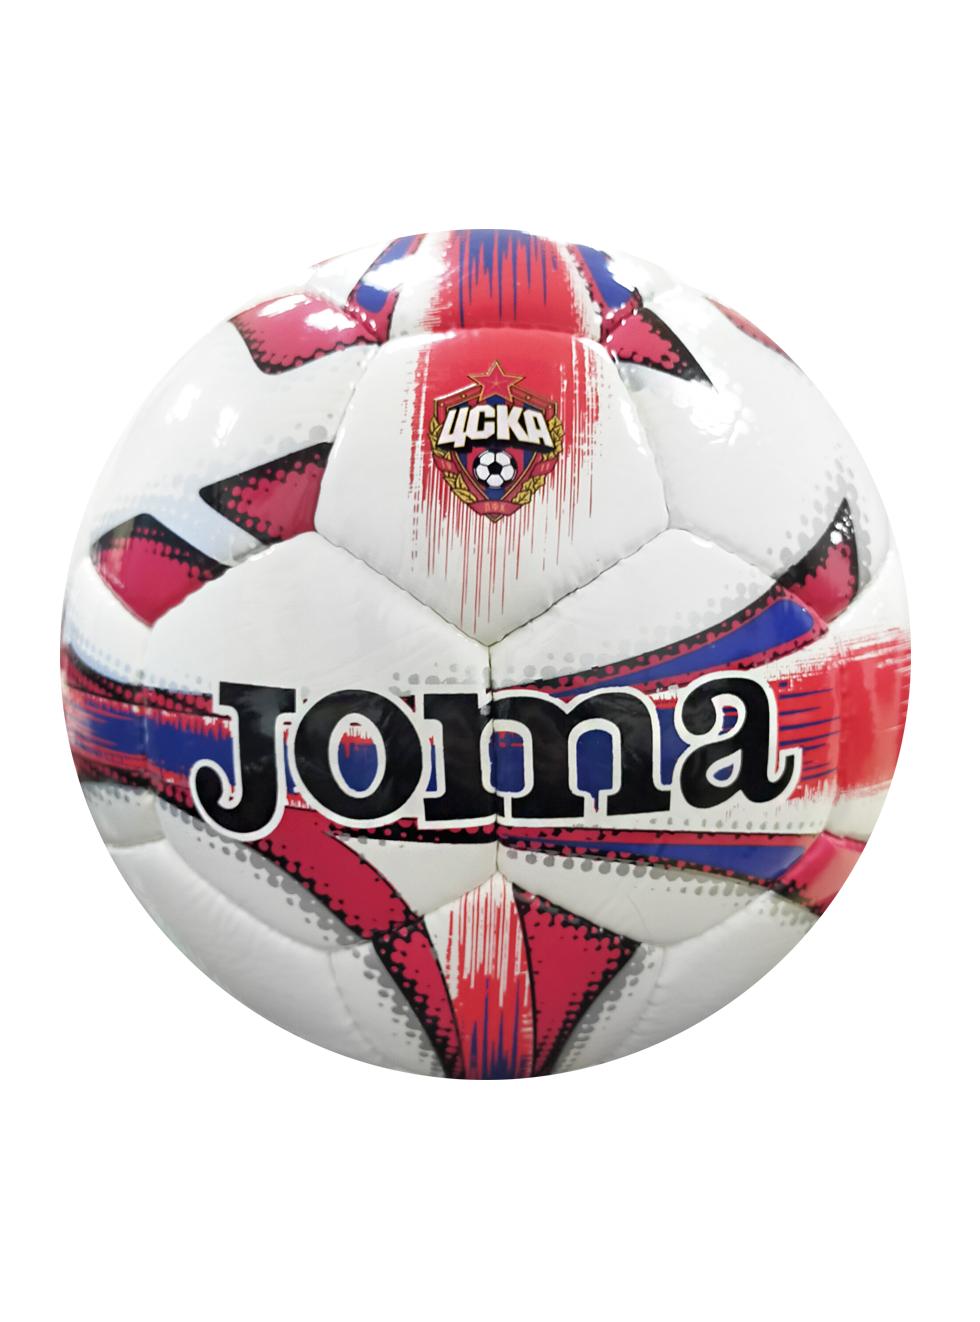 Мяч футбольный Joma DALI с эмблемой ПФК ЦСКА,  размер 5